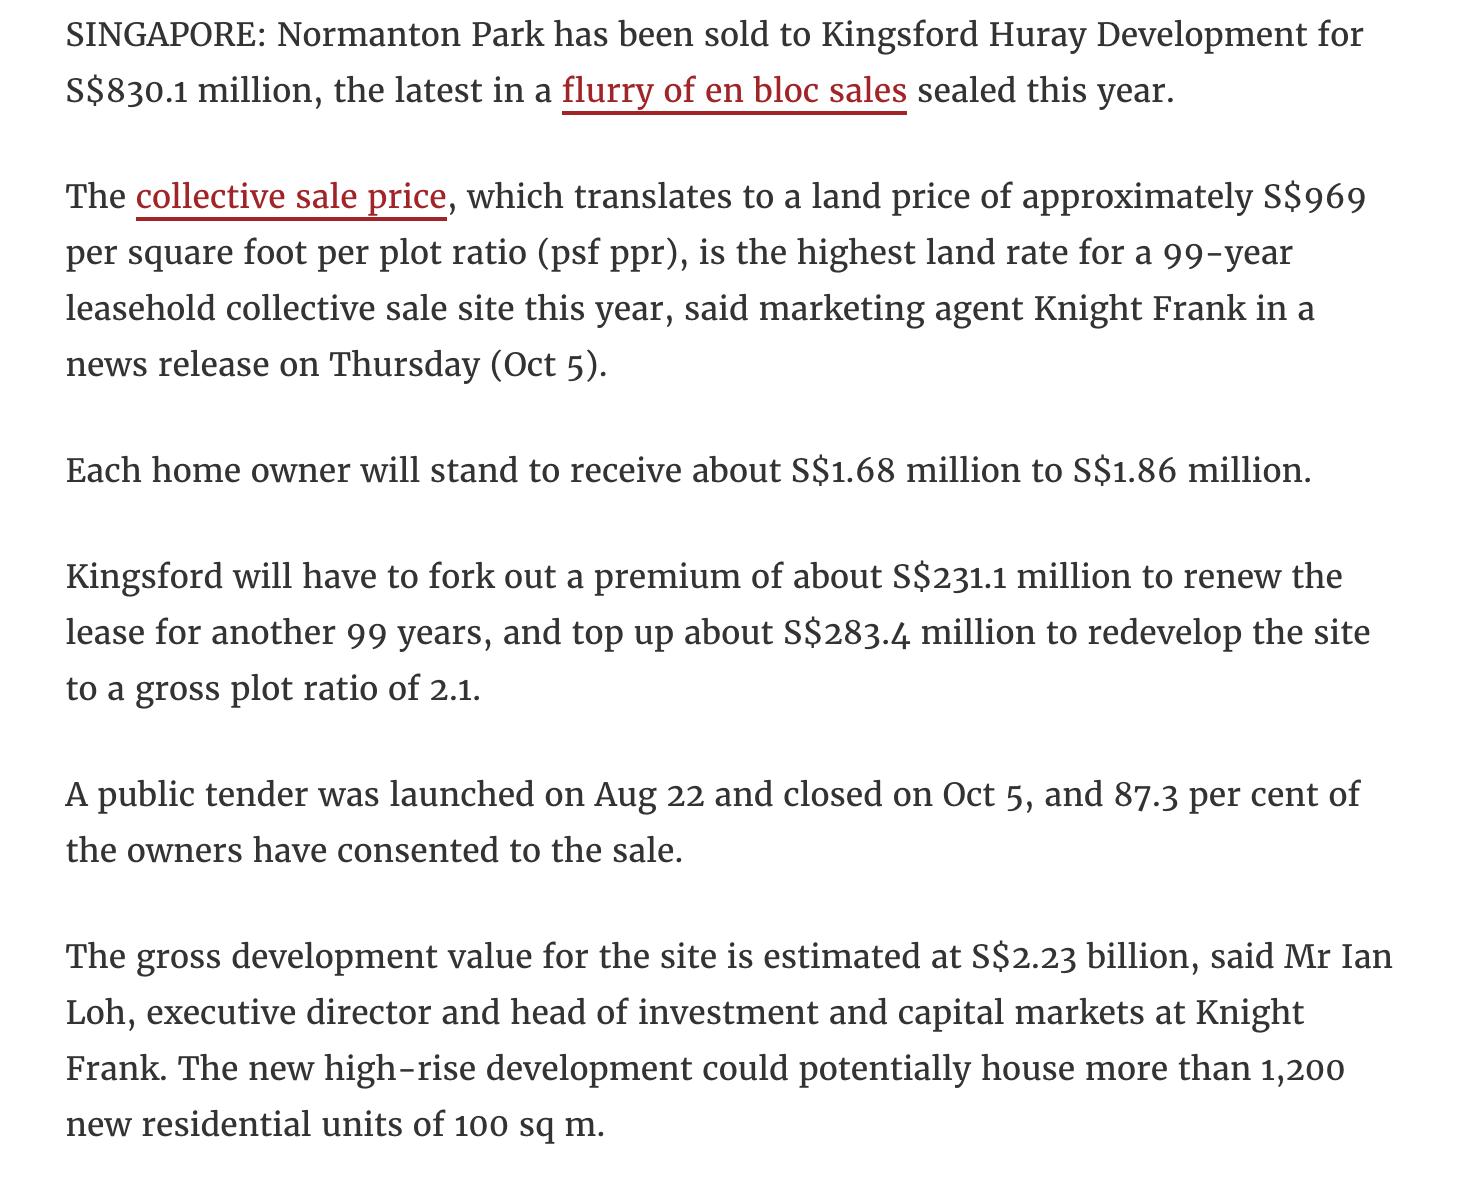 normanton-park-sold-en-bloc-for-s$830-million-2